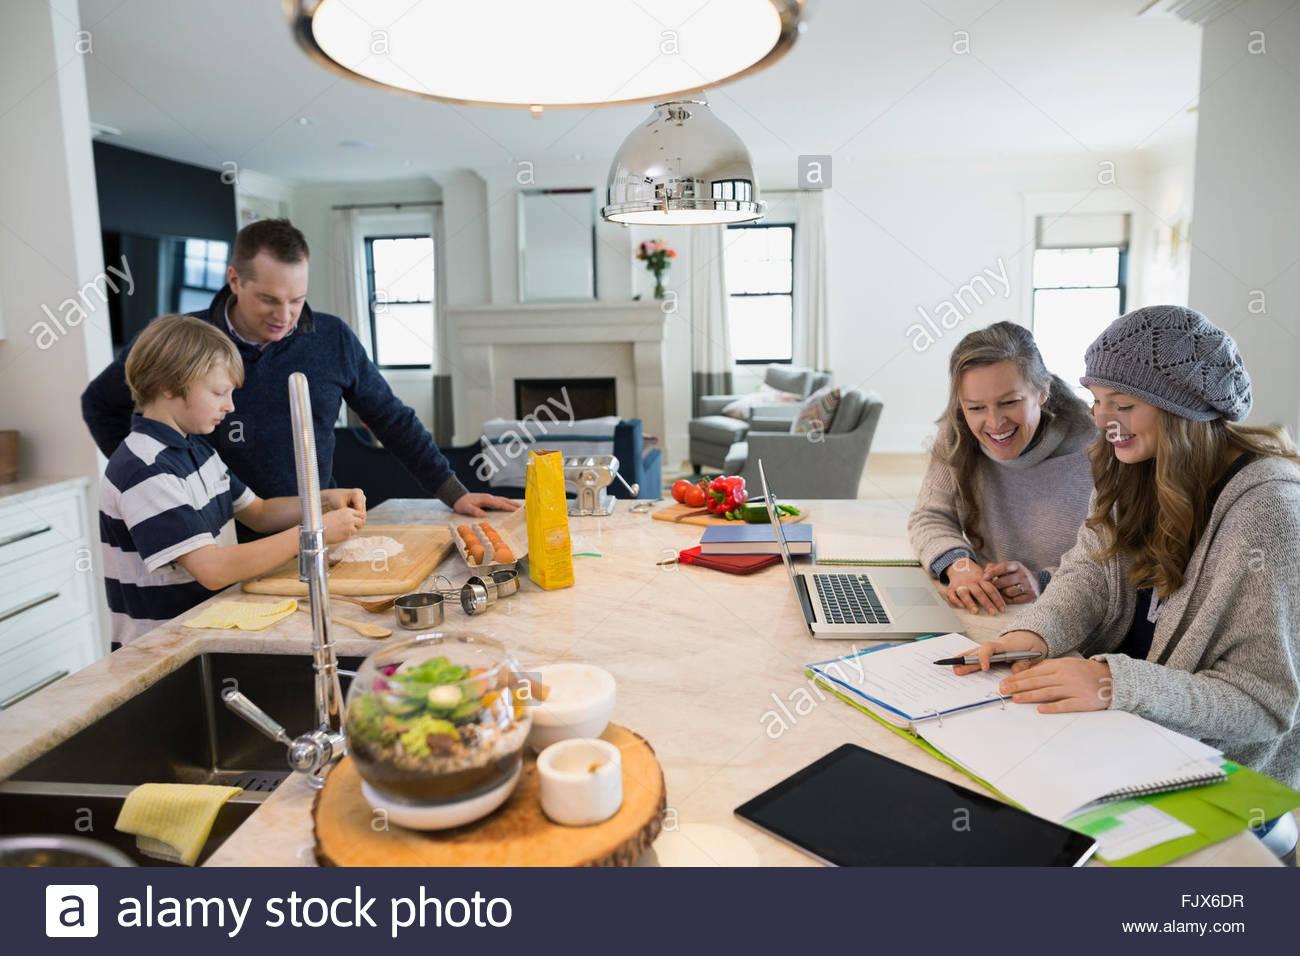 Familia hornear y hacer las tareas en la isla de cocina for Construir isla cocina